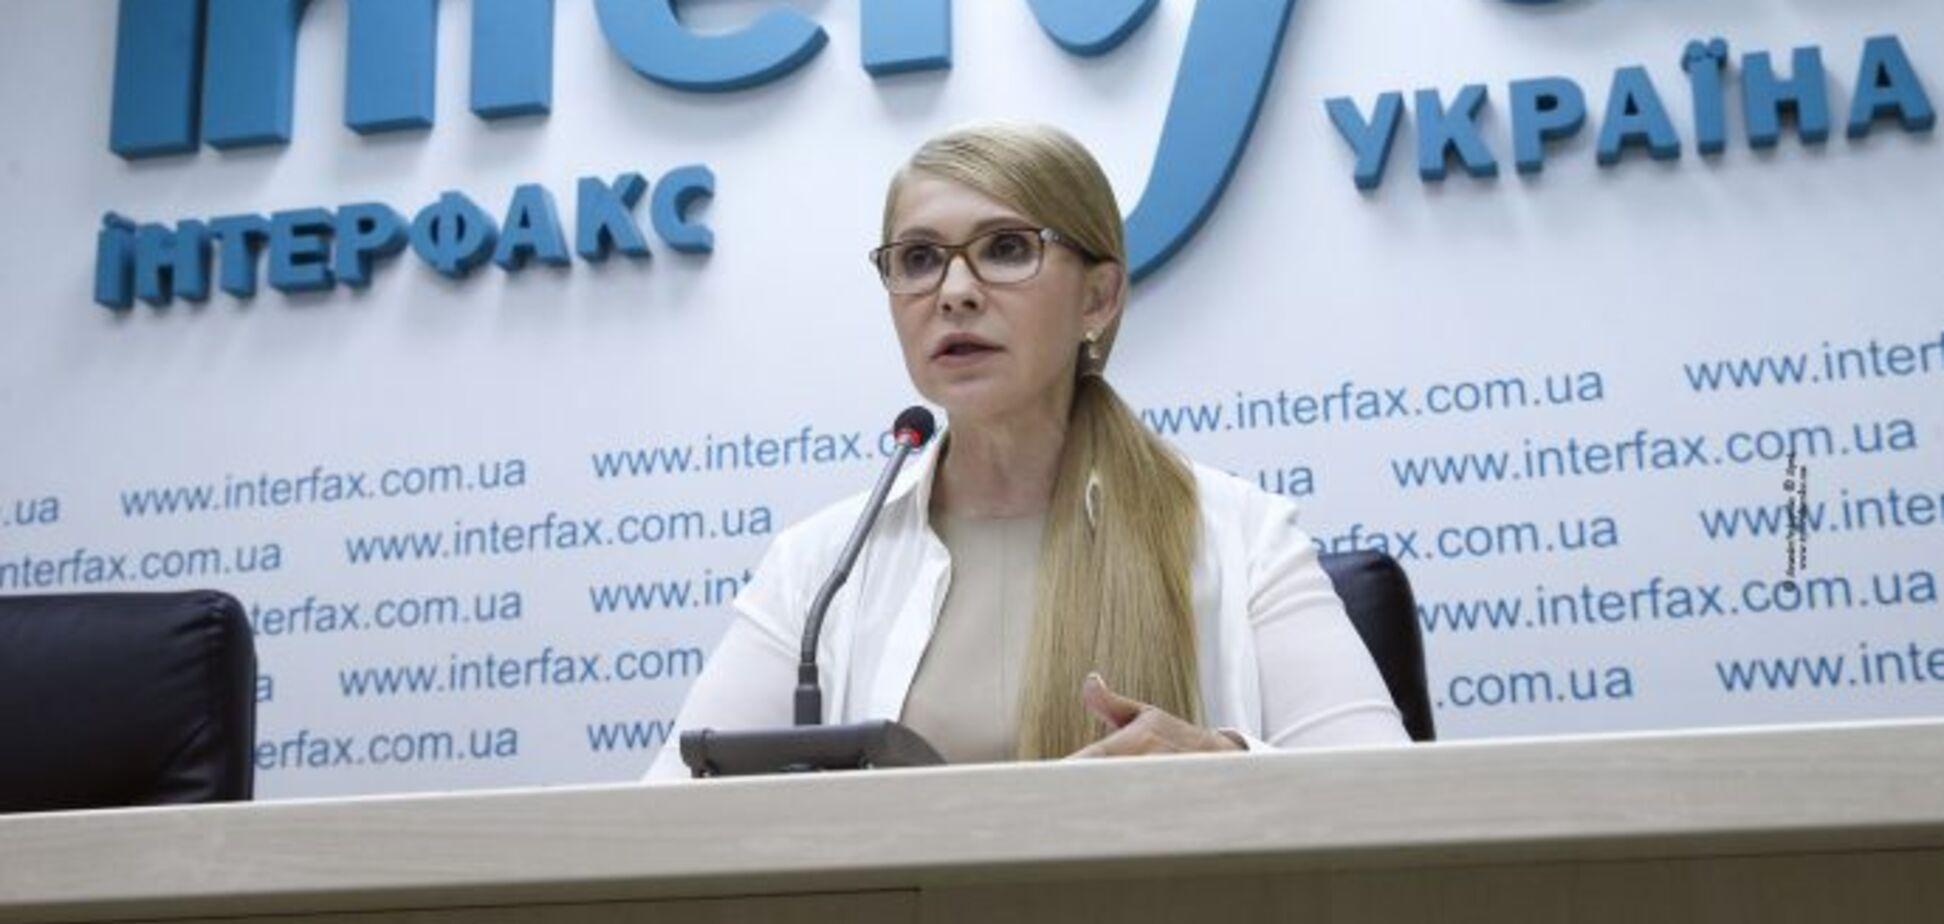 Юлия Тимошенко: Рост доходов украинцев – это самая большая инвестиция в нашу экономику